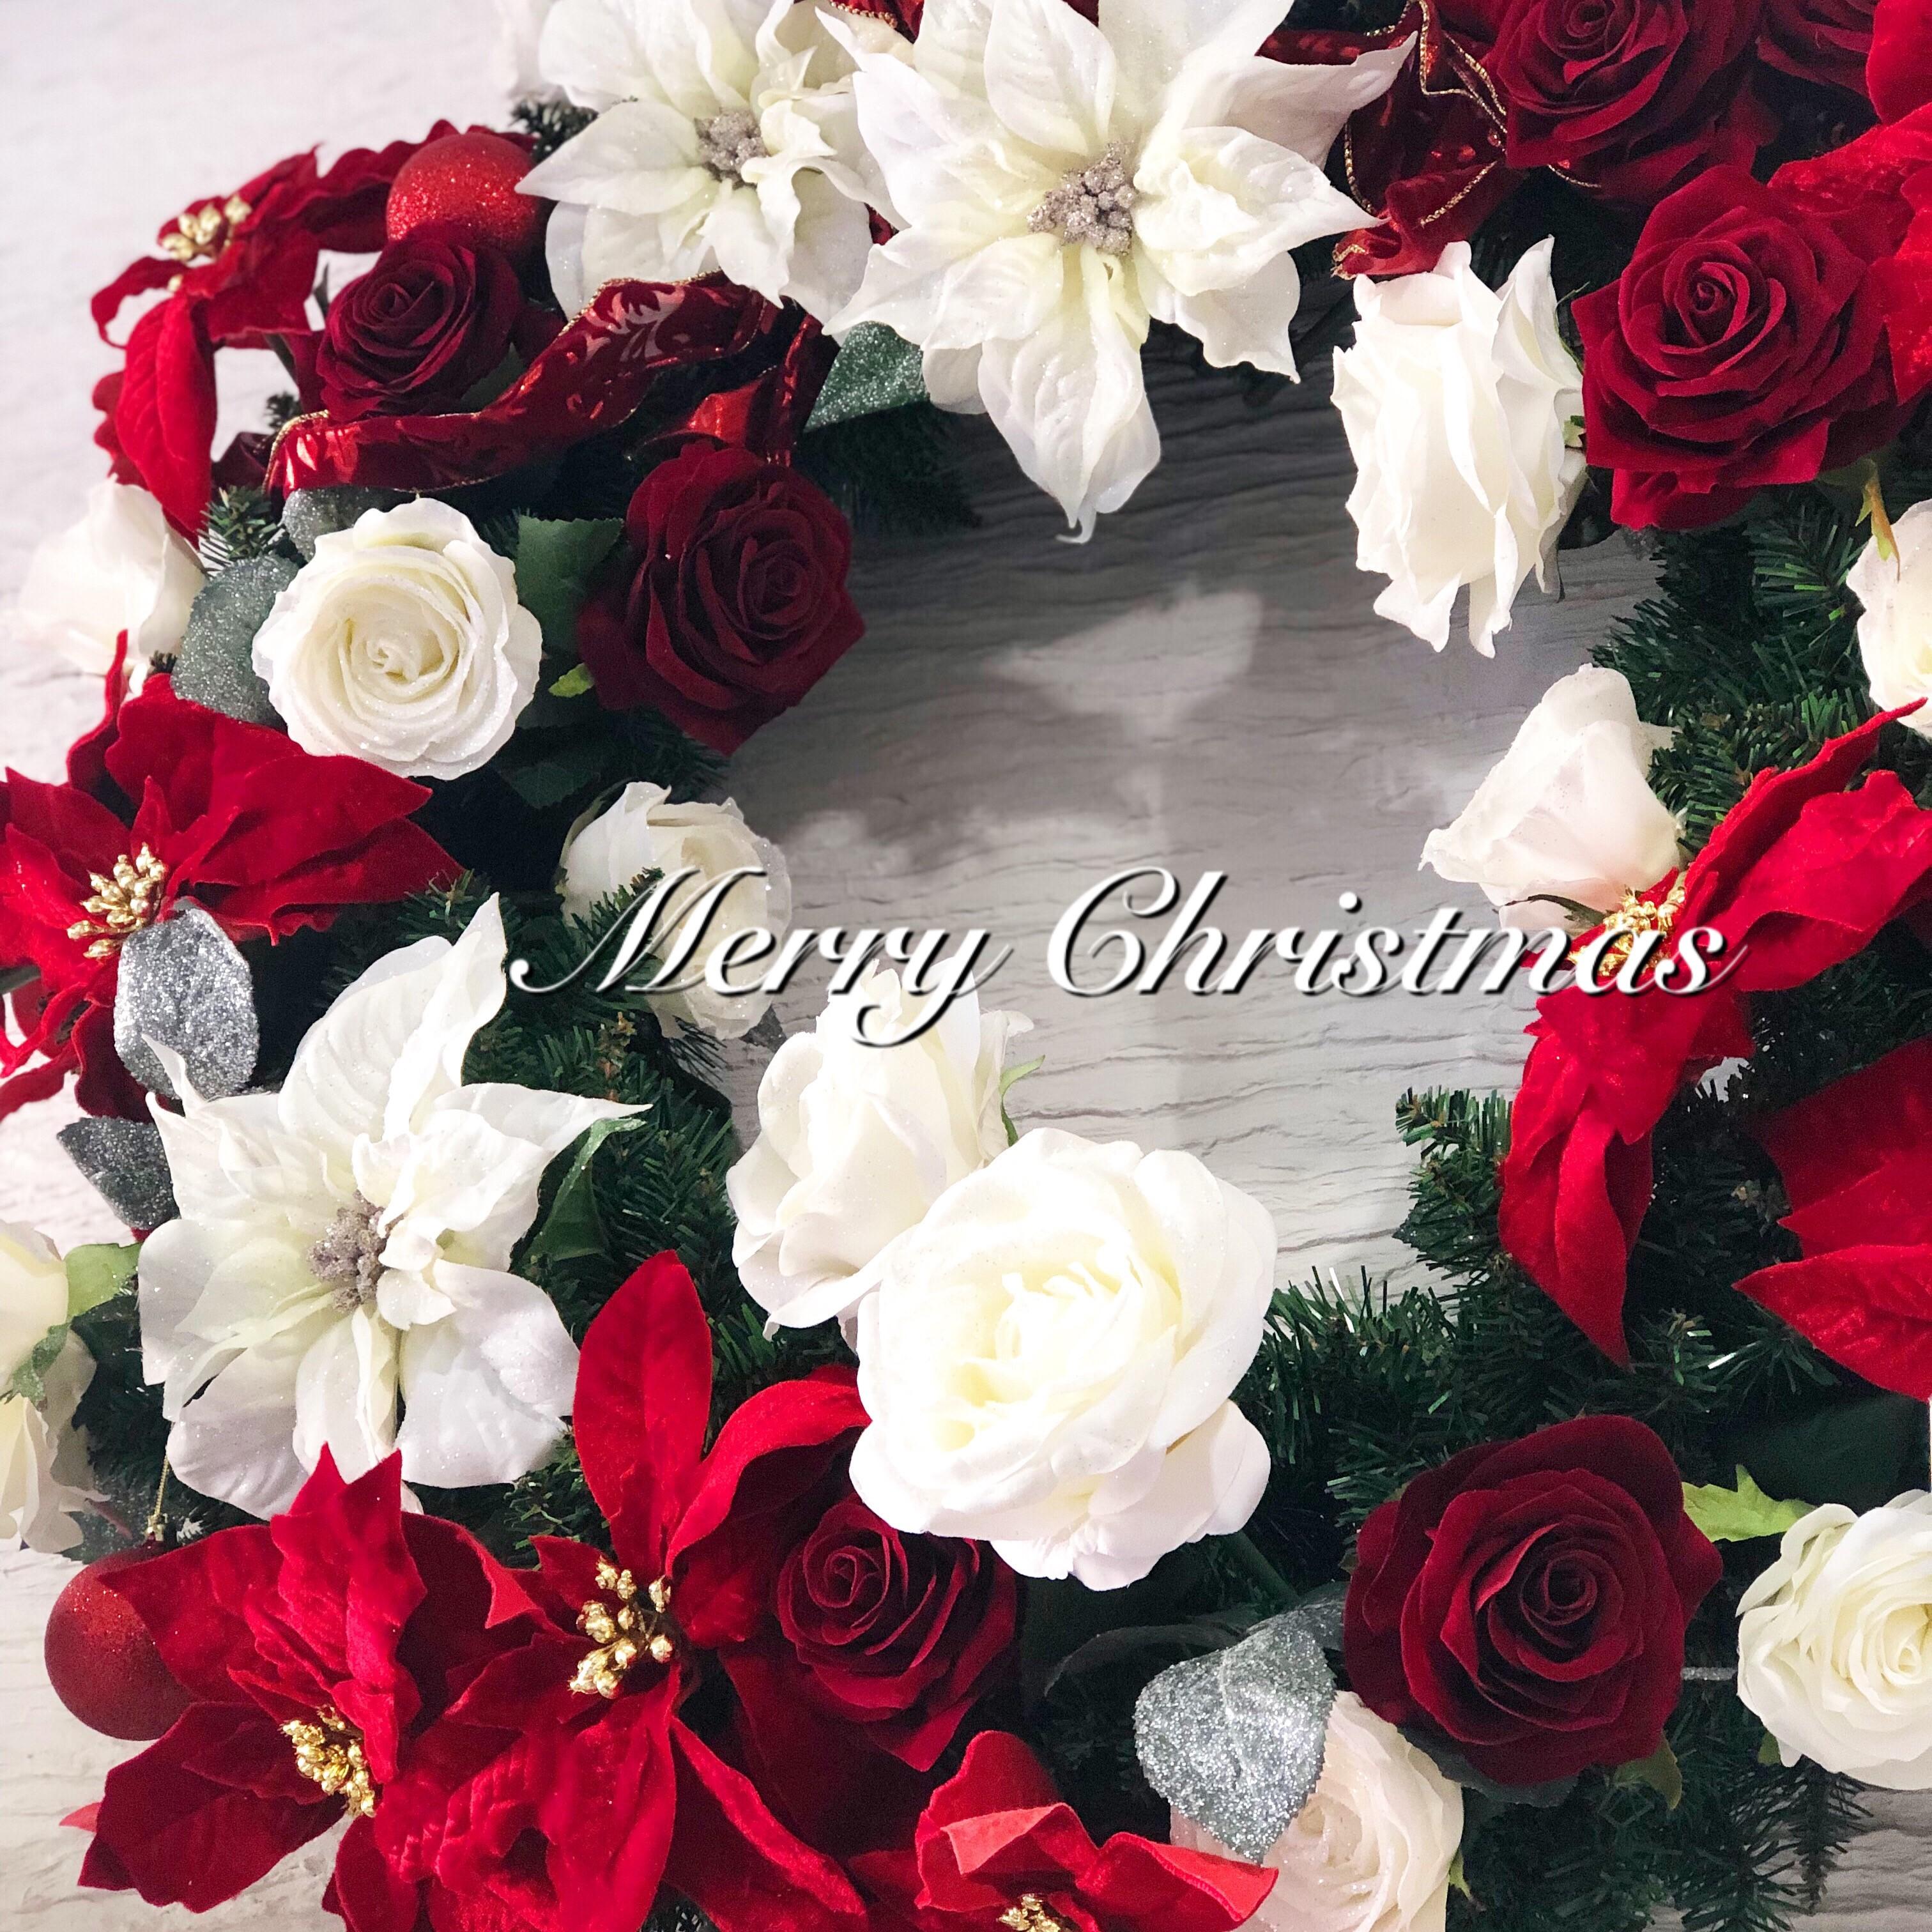 池袋 プリザーブドフラワー専門店 フラワーショップリズカ 2020 クリスマス クリスマス限定商品 店舗